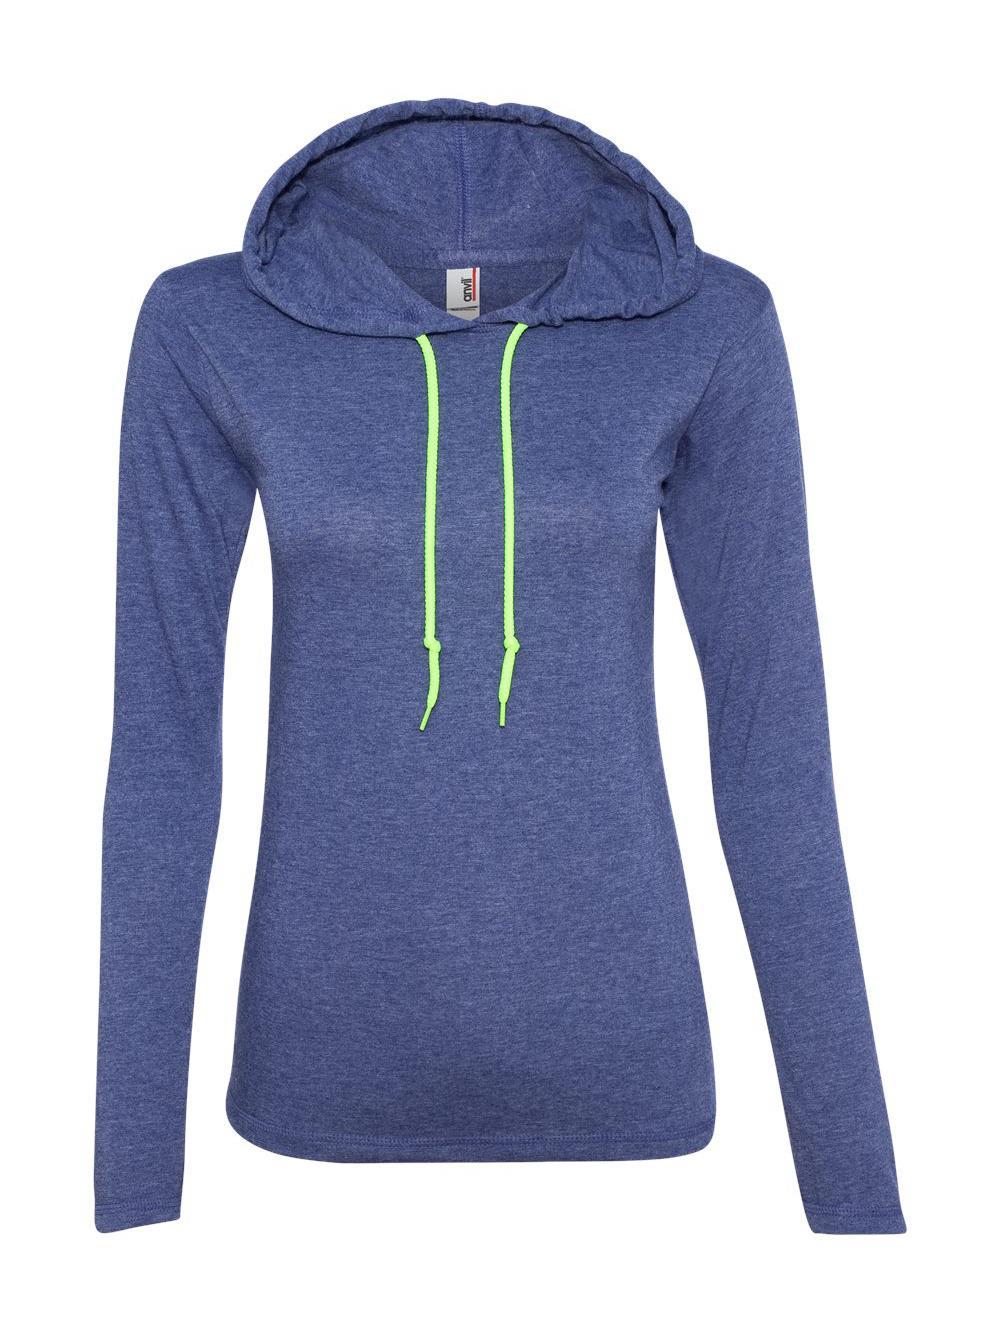 Anvil Women/'s Lightweight Long Sleeve Hooded T-Shirt 887L